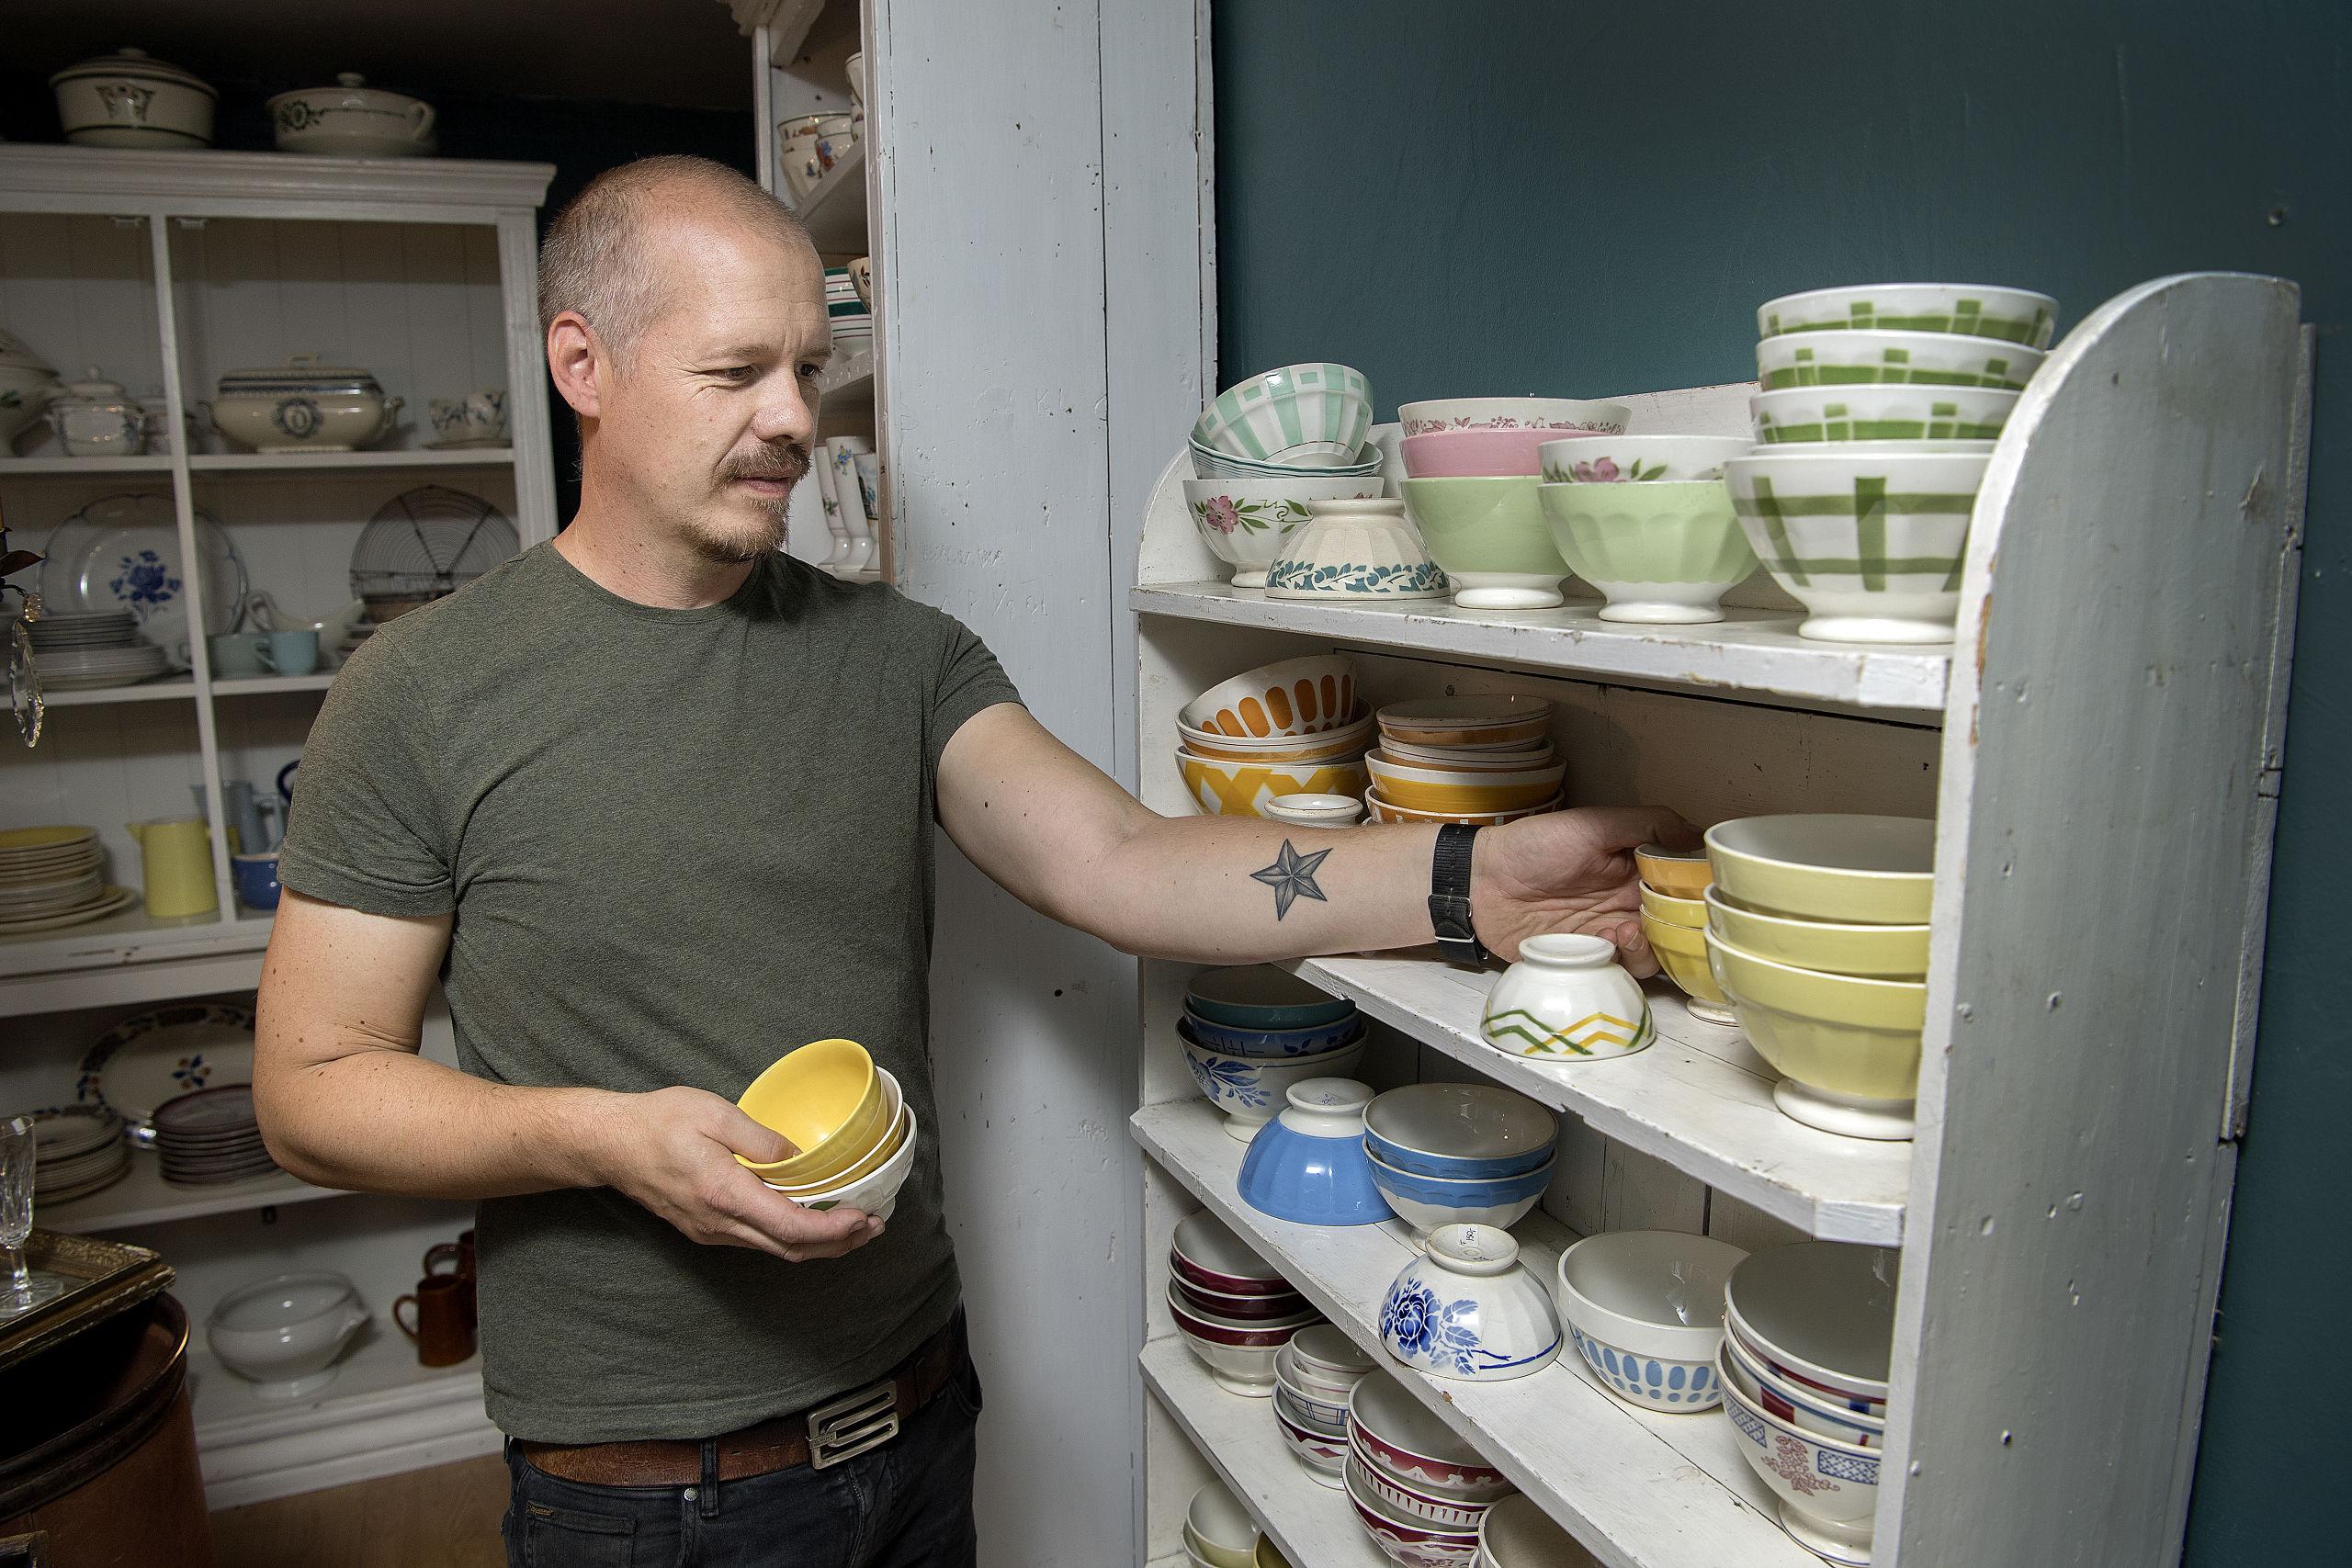 Det er Mikkel Aagaard, der sammen med Katerina Freng, står bag markederne. De driver desuden Le Renard på Budolfi Plads og webshoppen frengbrocante.com.